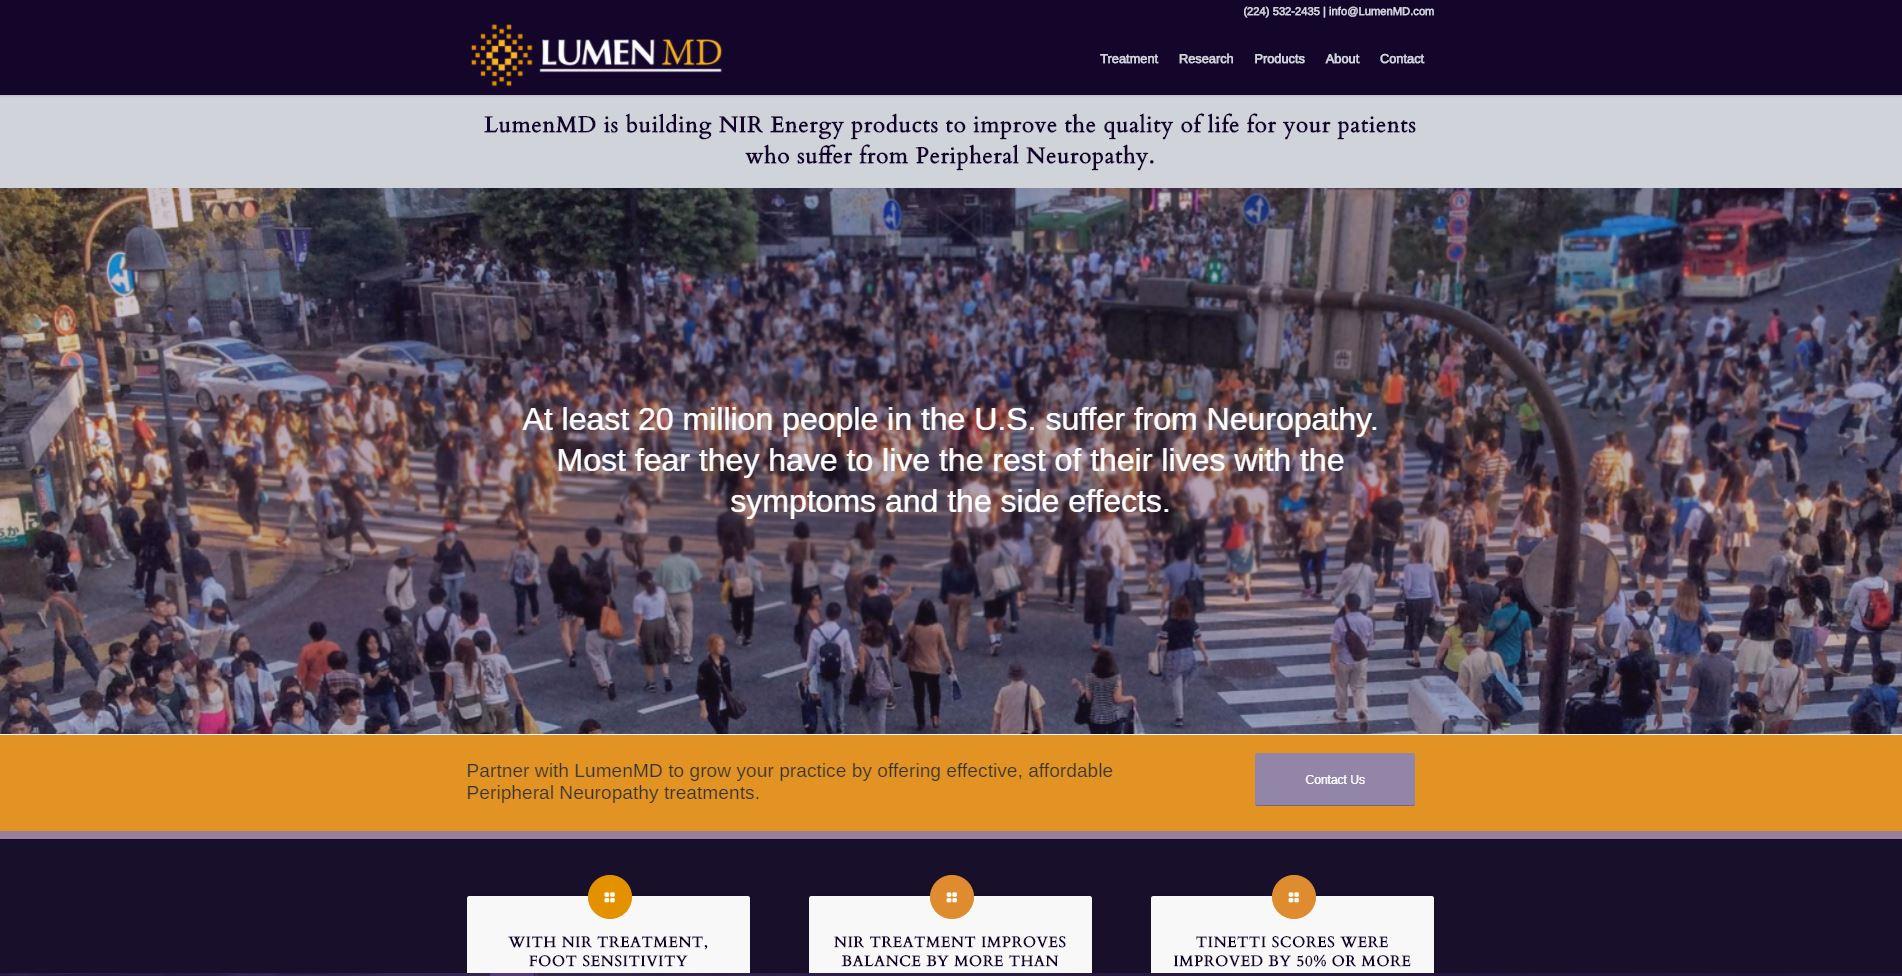 LumenMD Website developed by MoxieMenInc.com